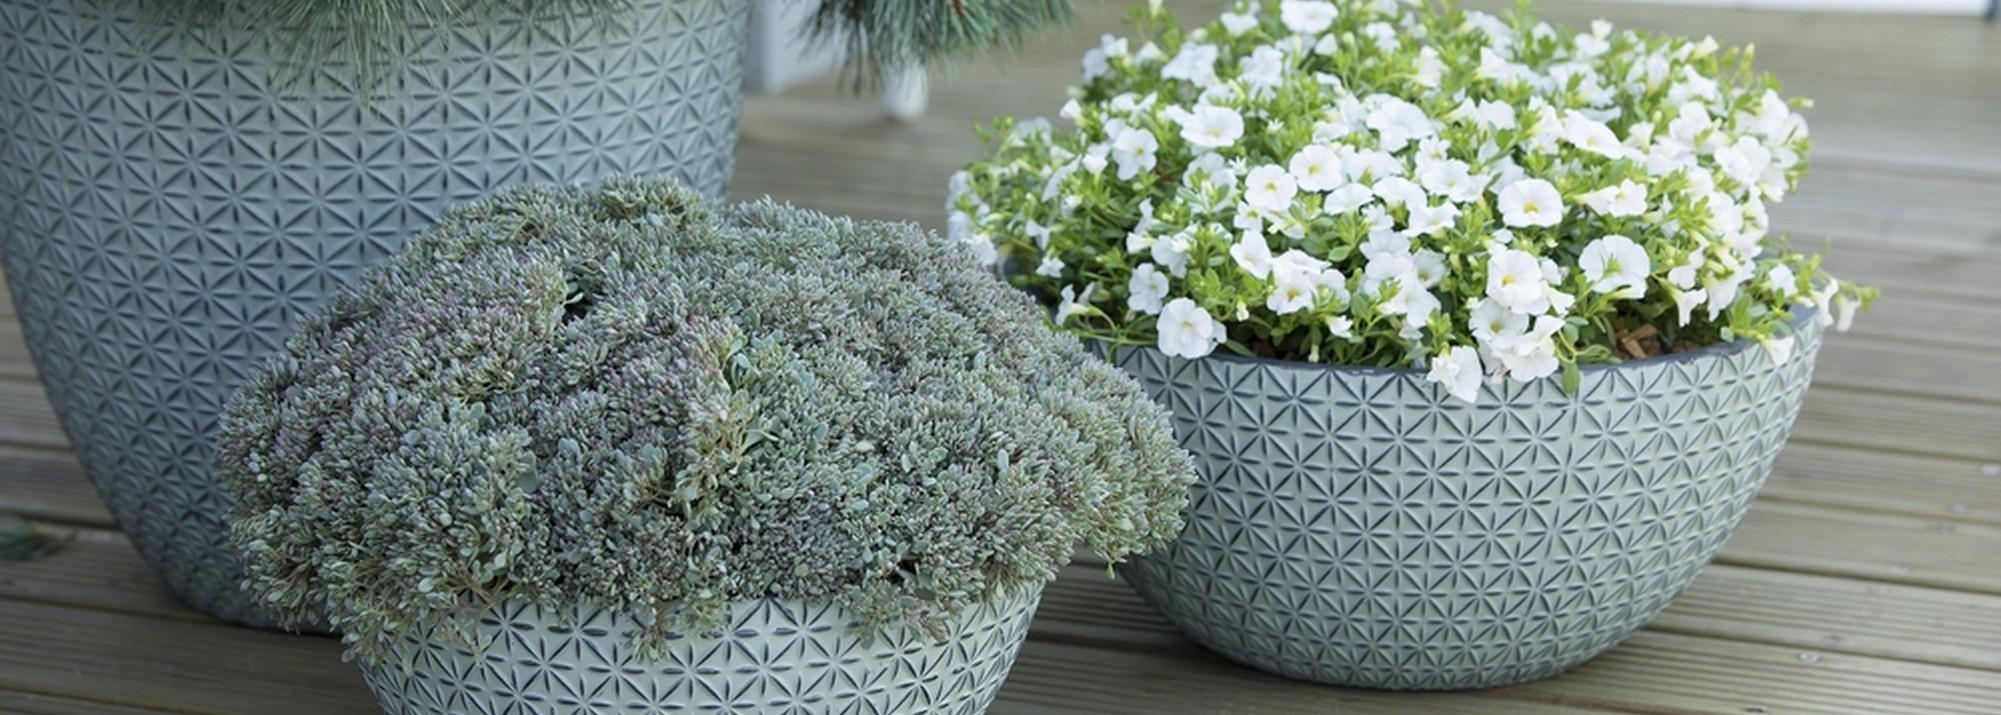 Notre sélection de pots et jardinières